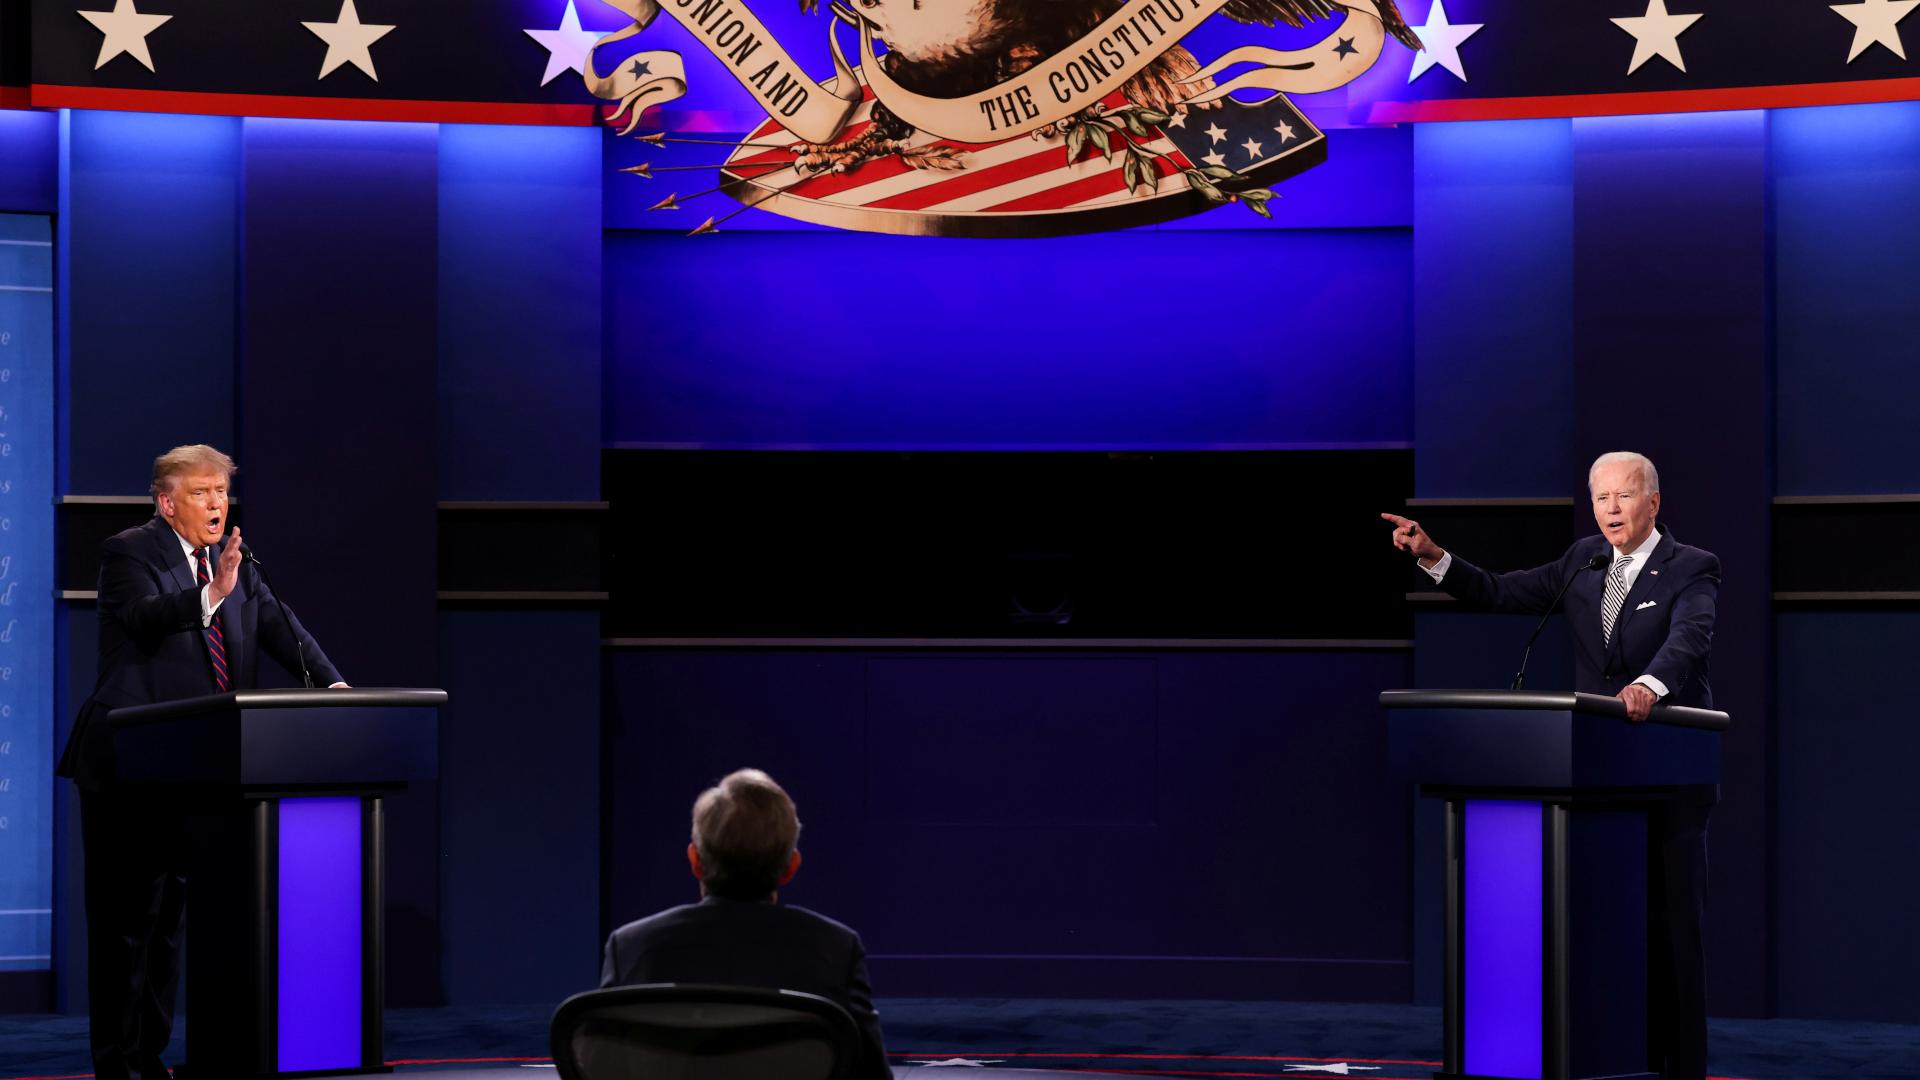 Le premier débat télévisé des candidats à la présidentielle américaine avec Donald Trump (G) et Joe Biden, le 29 septembre 2020 à Cleveland, dans l'Etat de l'Ohio.